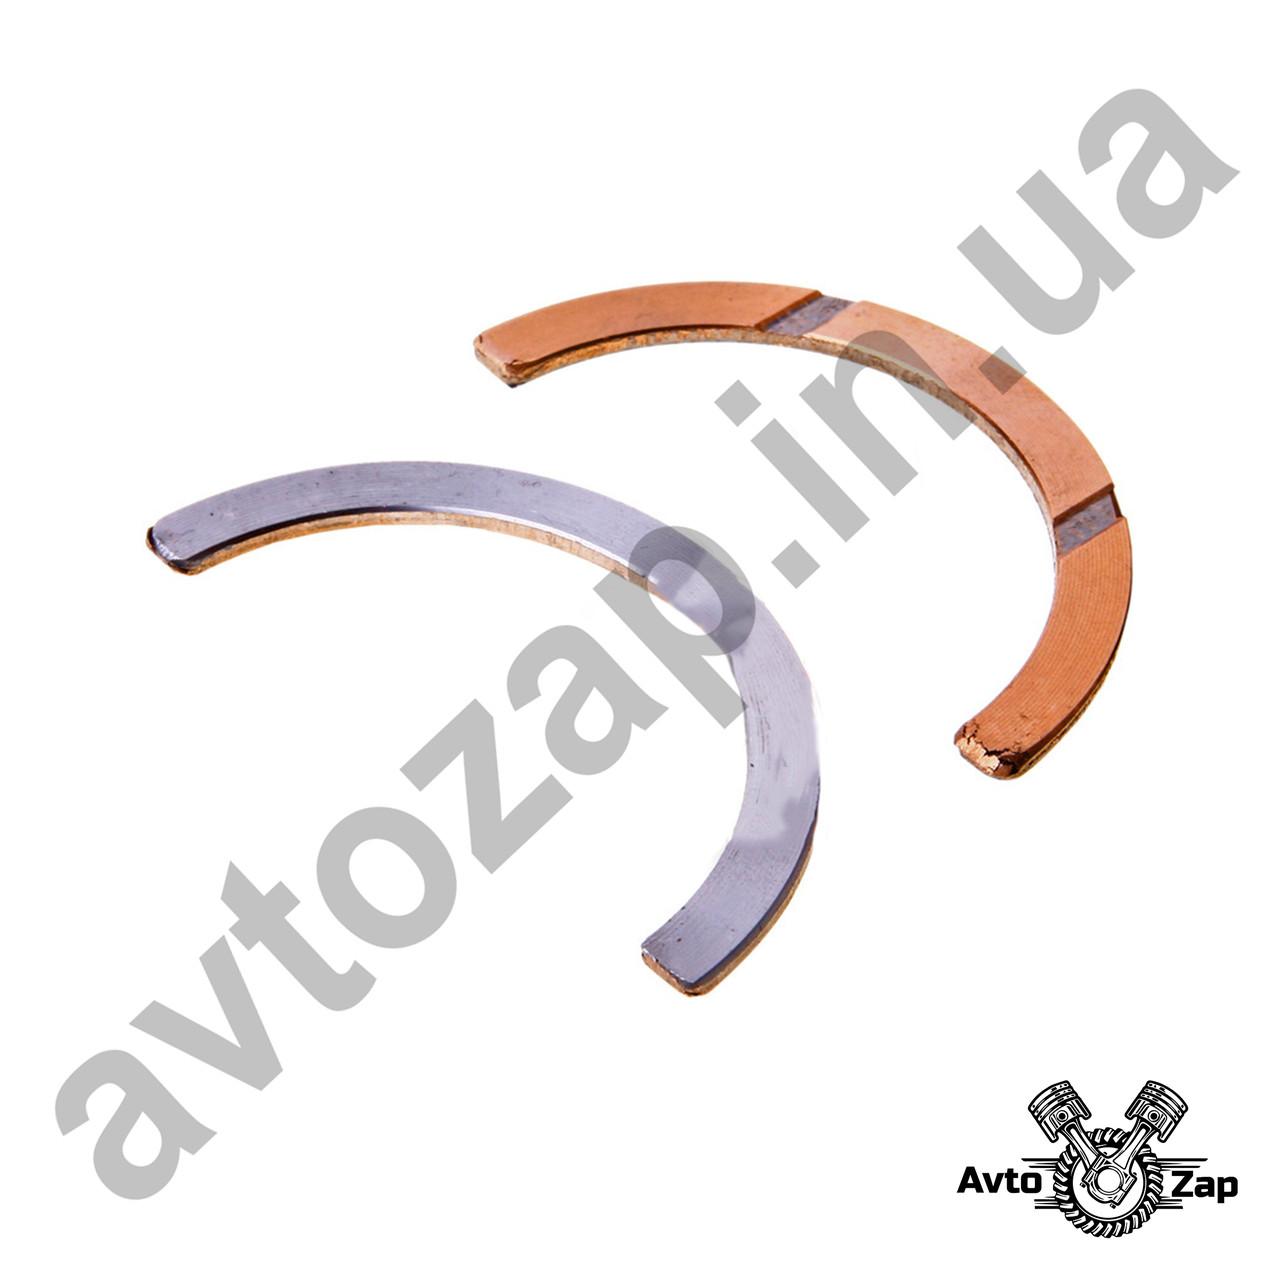 Полукольцо вала коленчатого  ВАЗ 2101-07 (Ремонт 3,8) к-т.      56351